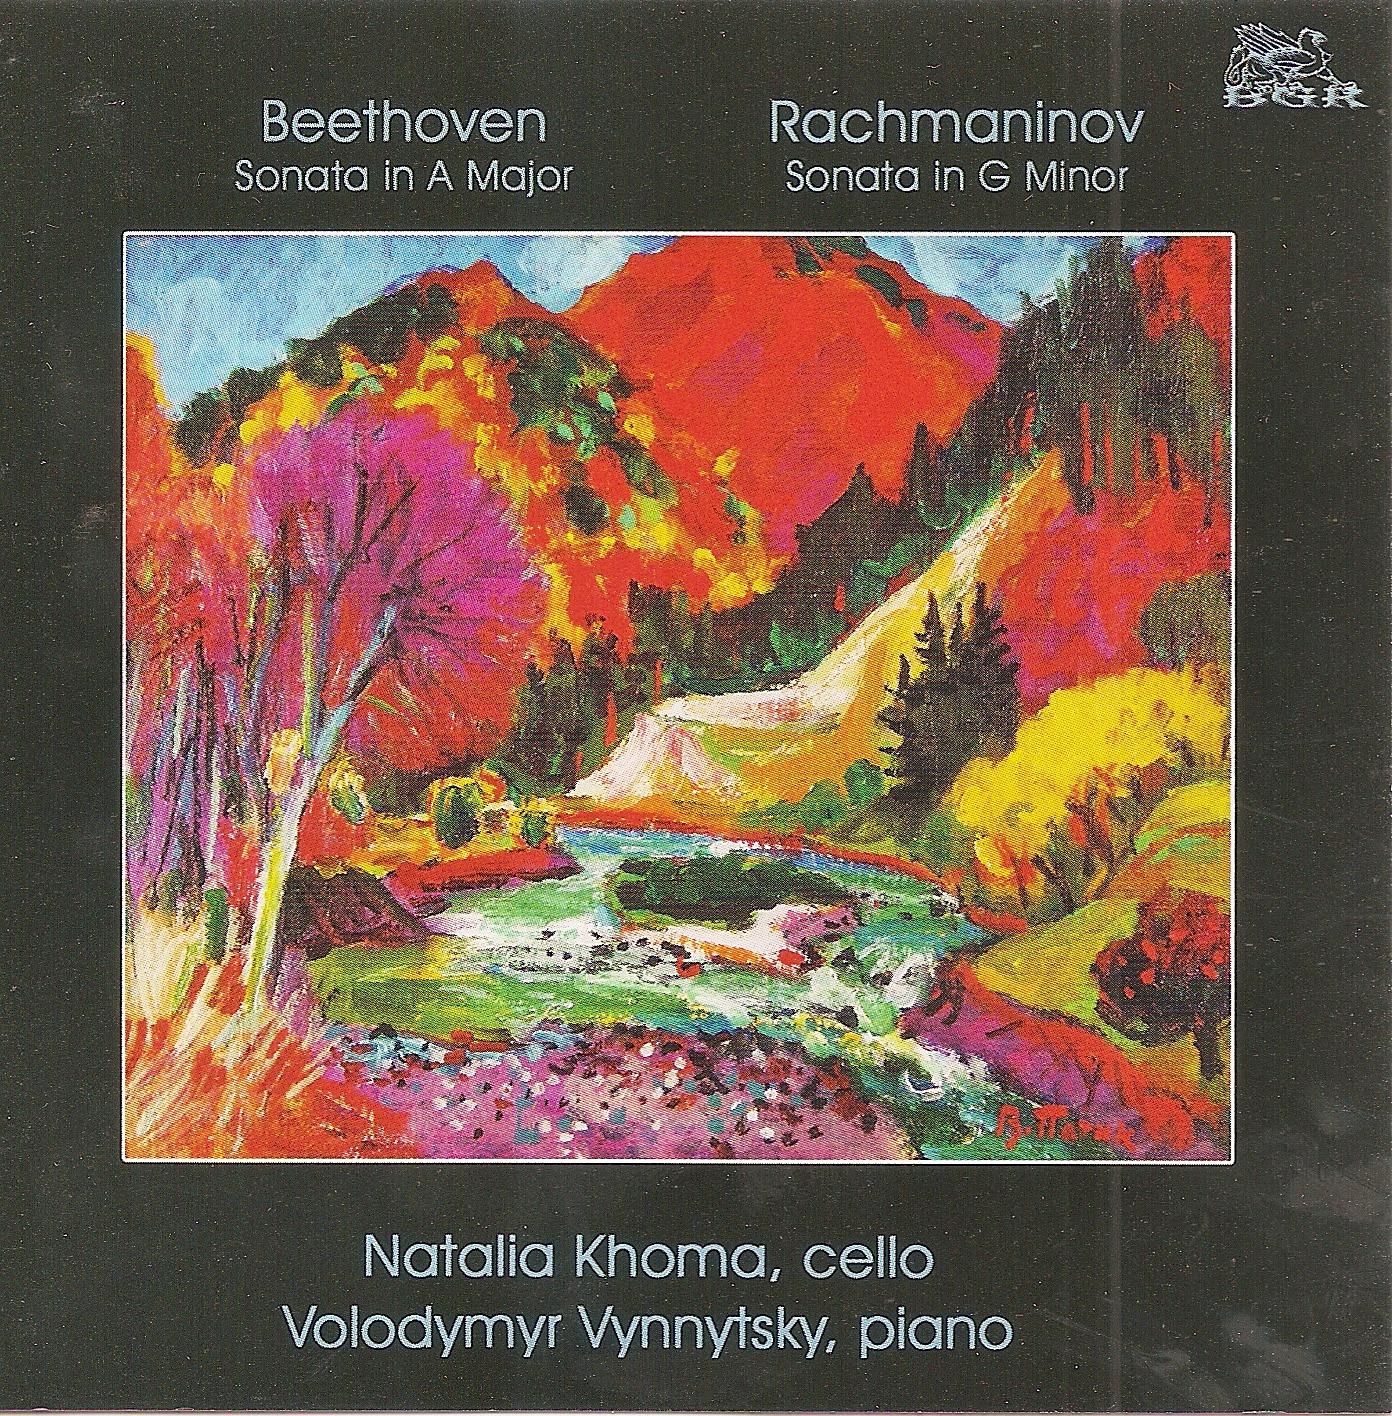 KhomaVynnytskyBeethovenRachmaninov-page-0.jpg